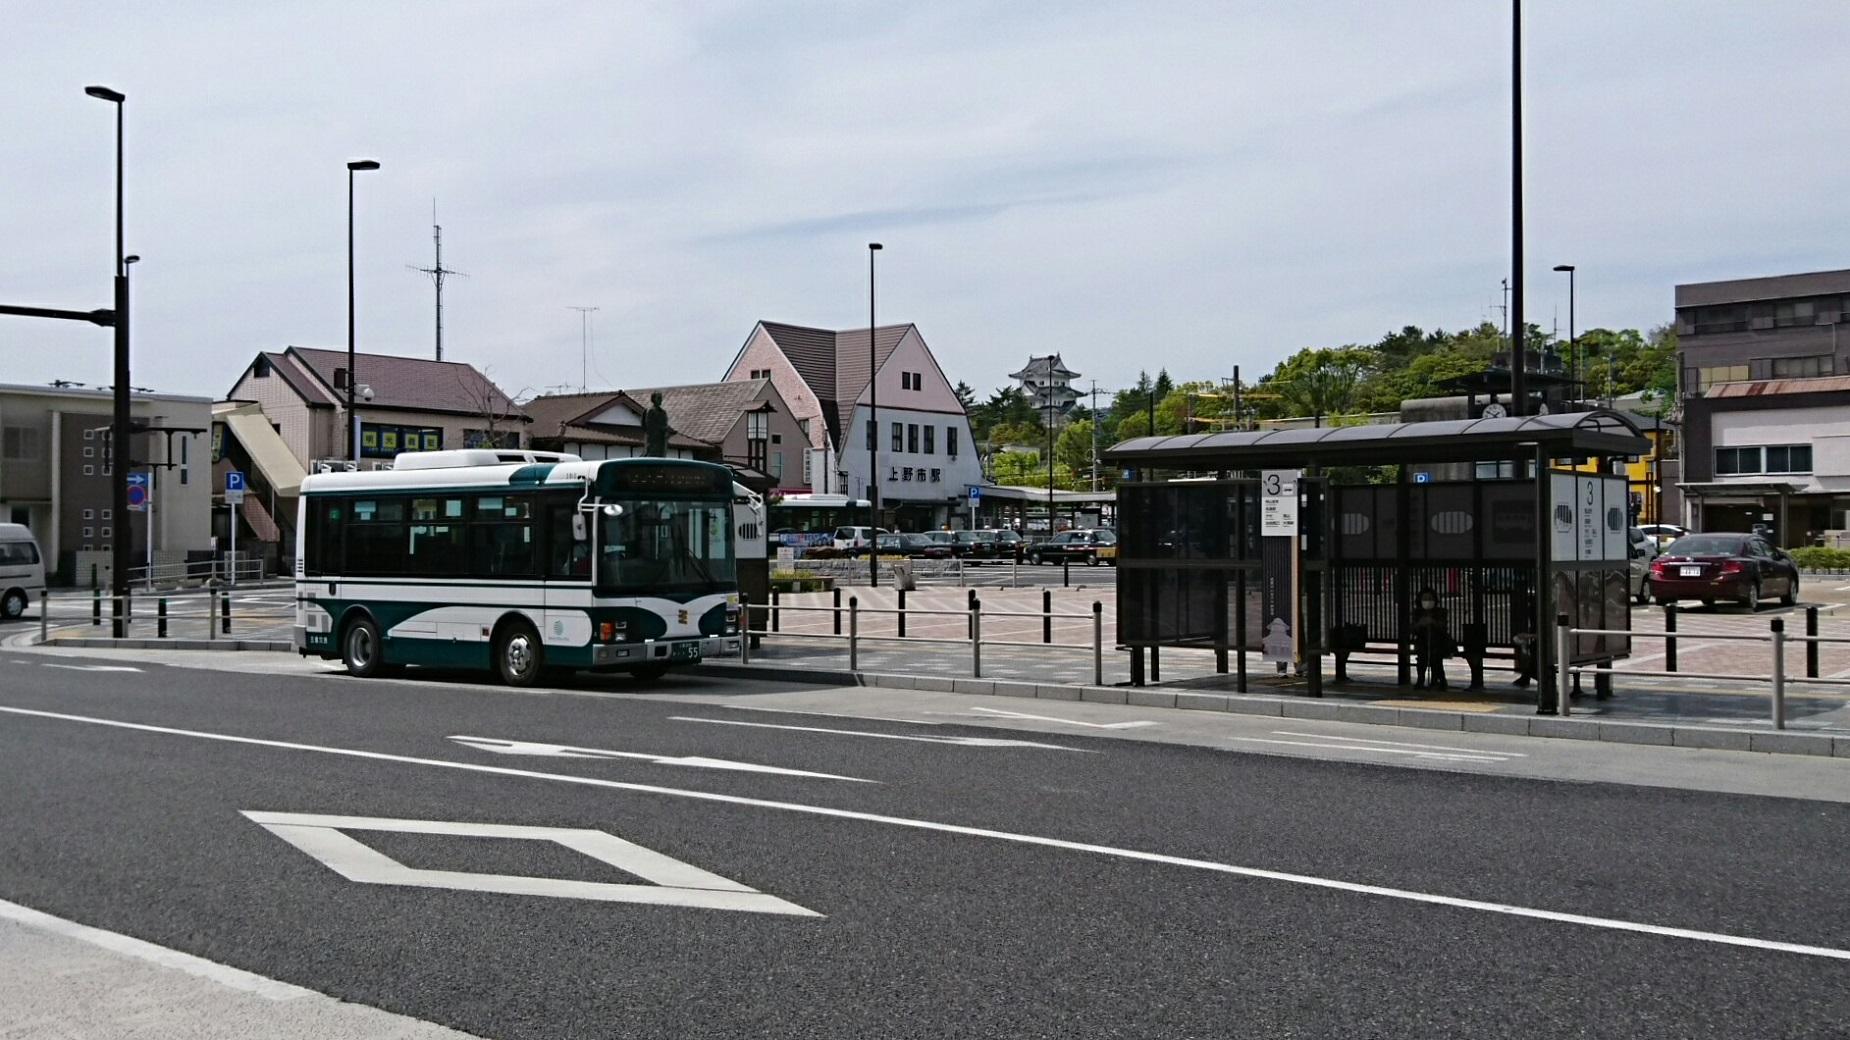 2018.4.26 上野 (93) 上野市えきまえ 1850-1040